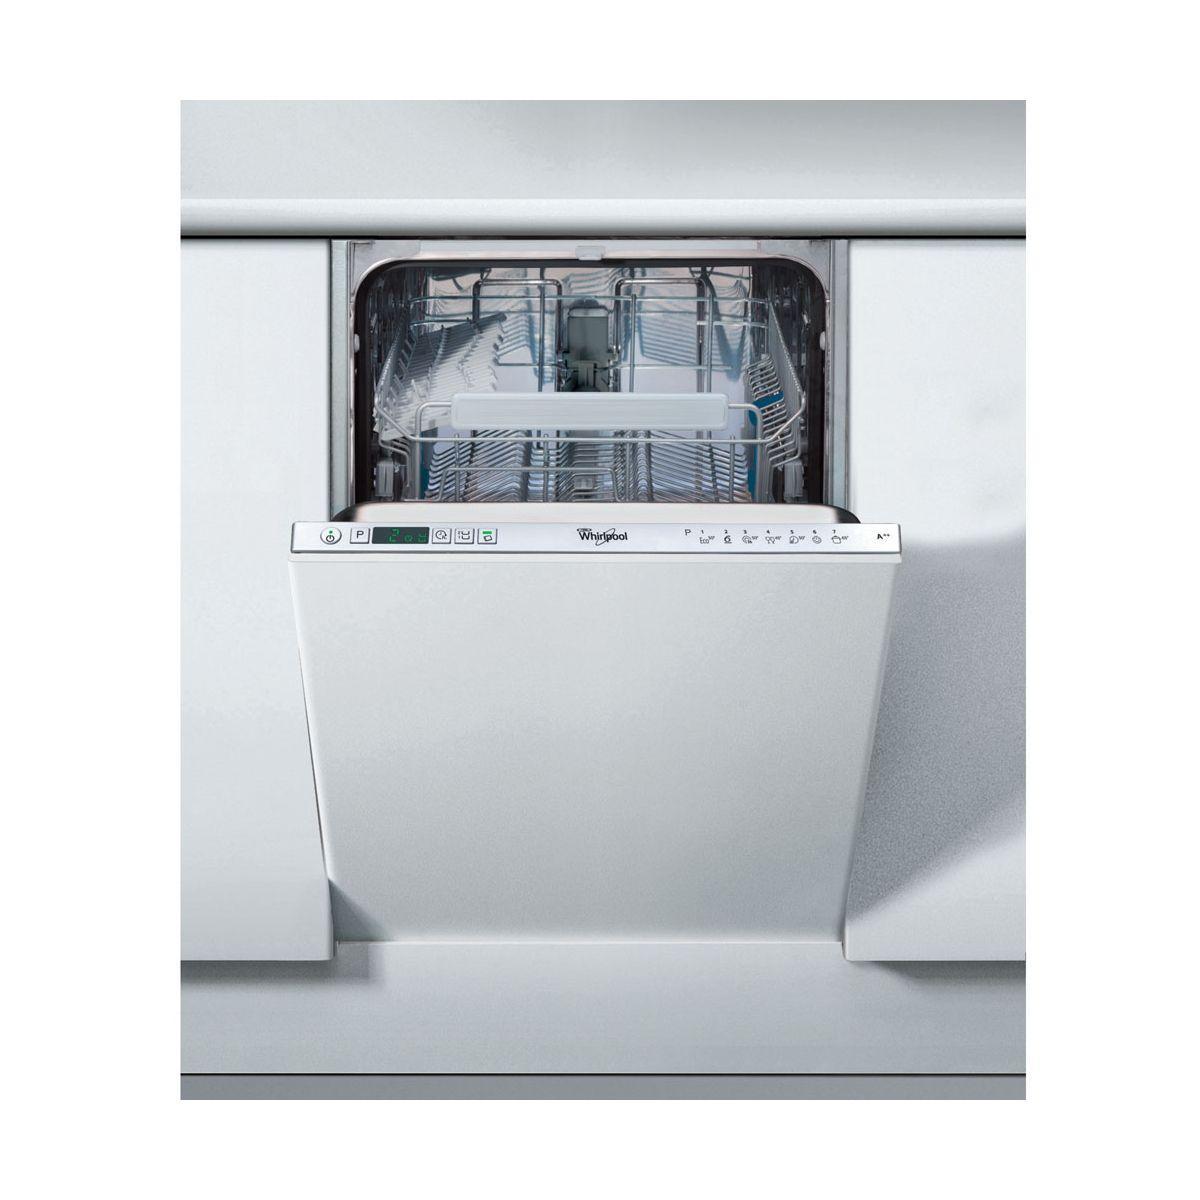 Lave vaisselle tout int�grable 45 cm whirlpool adg402 - 2% de remise imm�diate avec le code : gam2